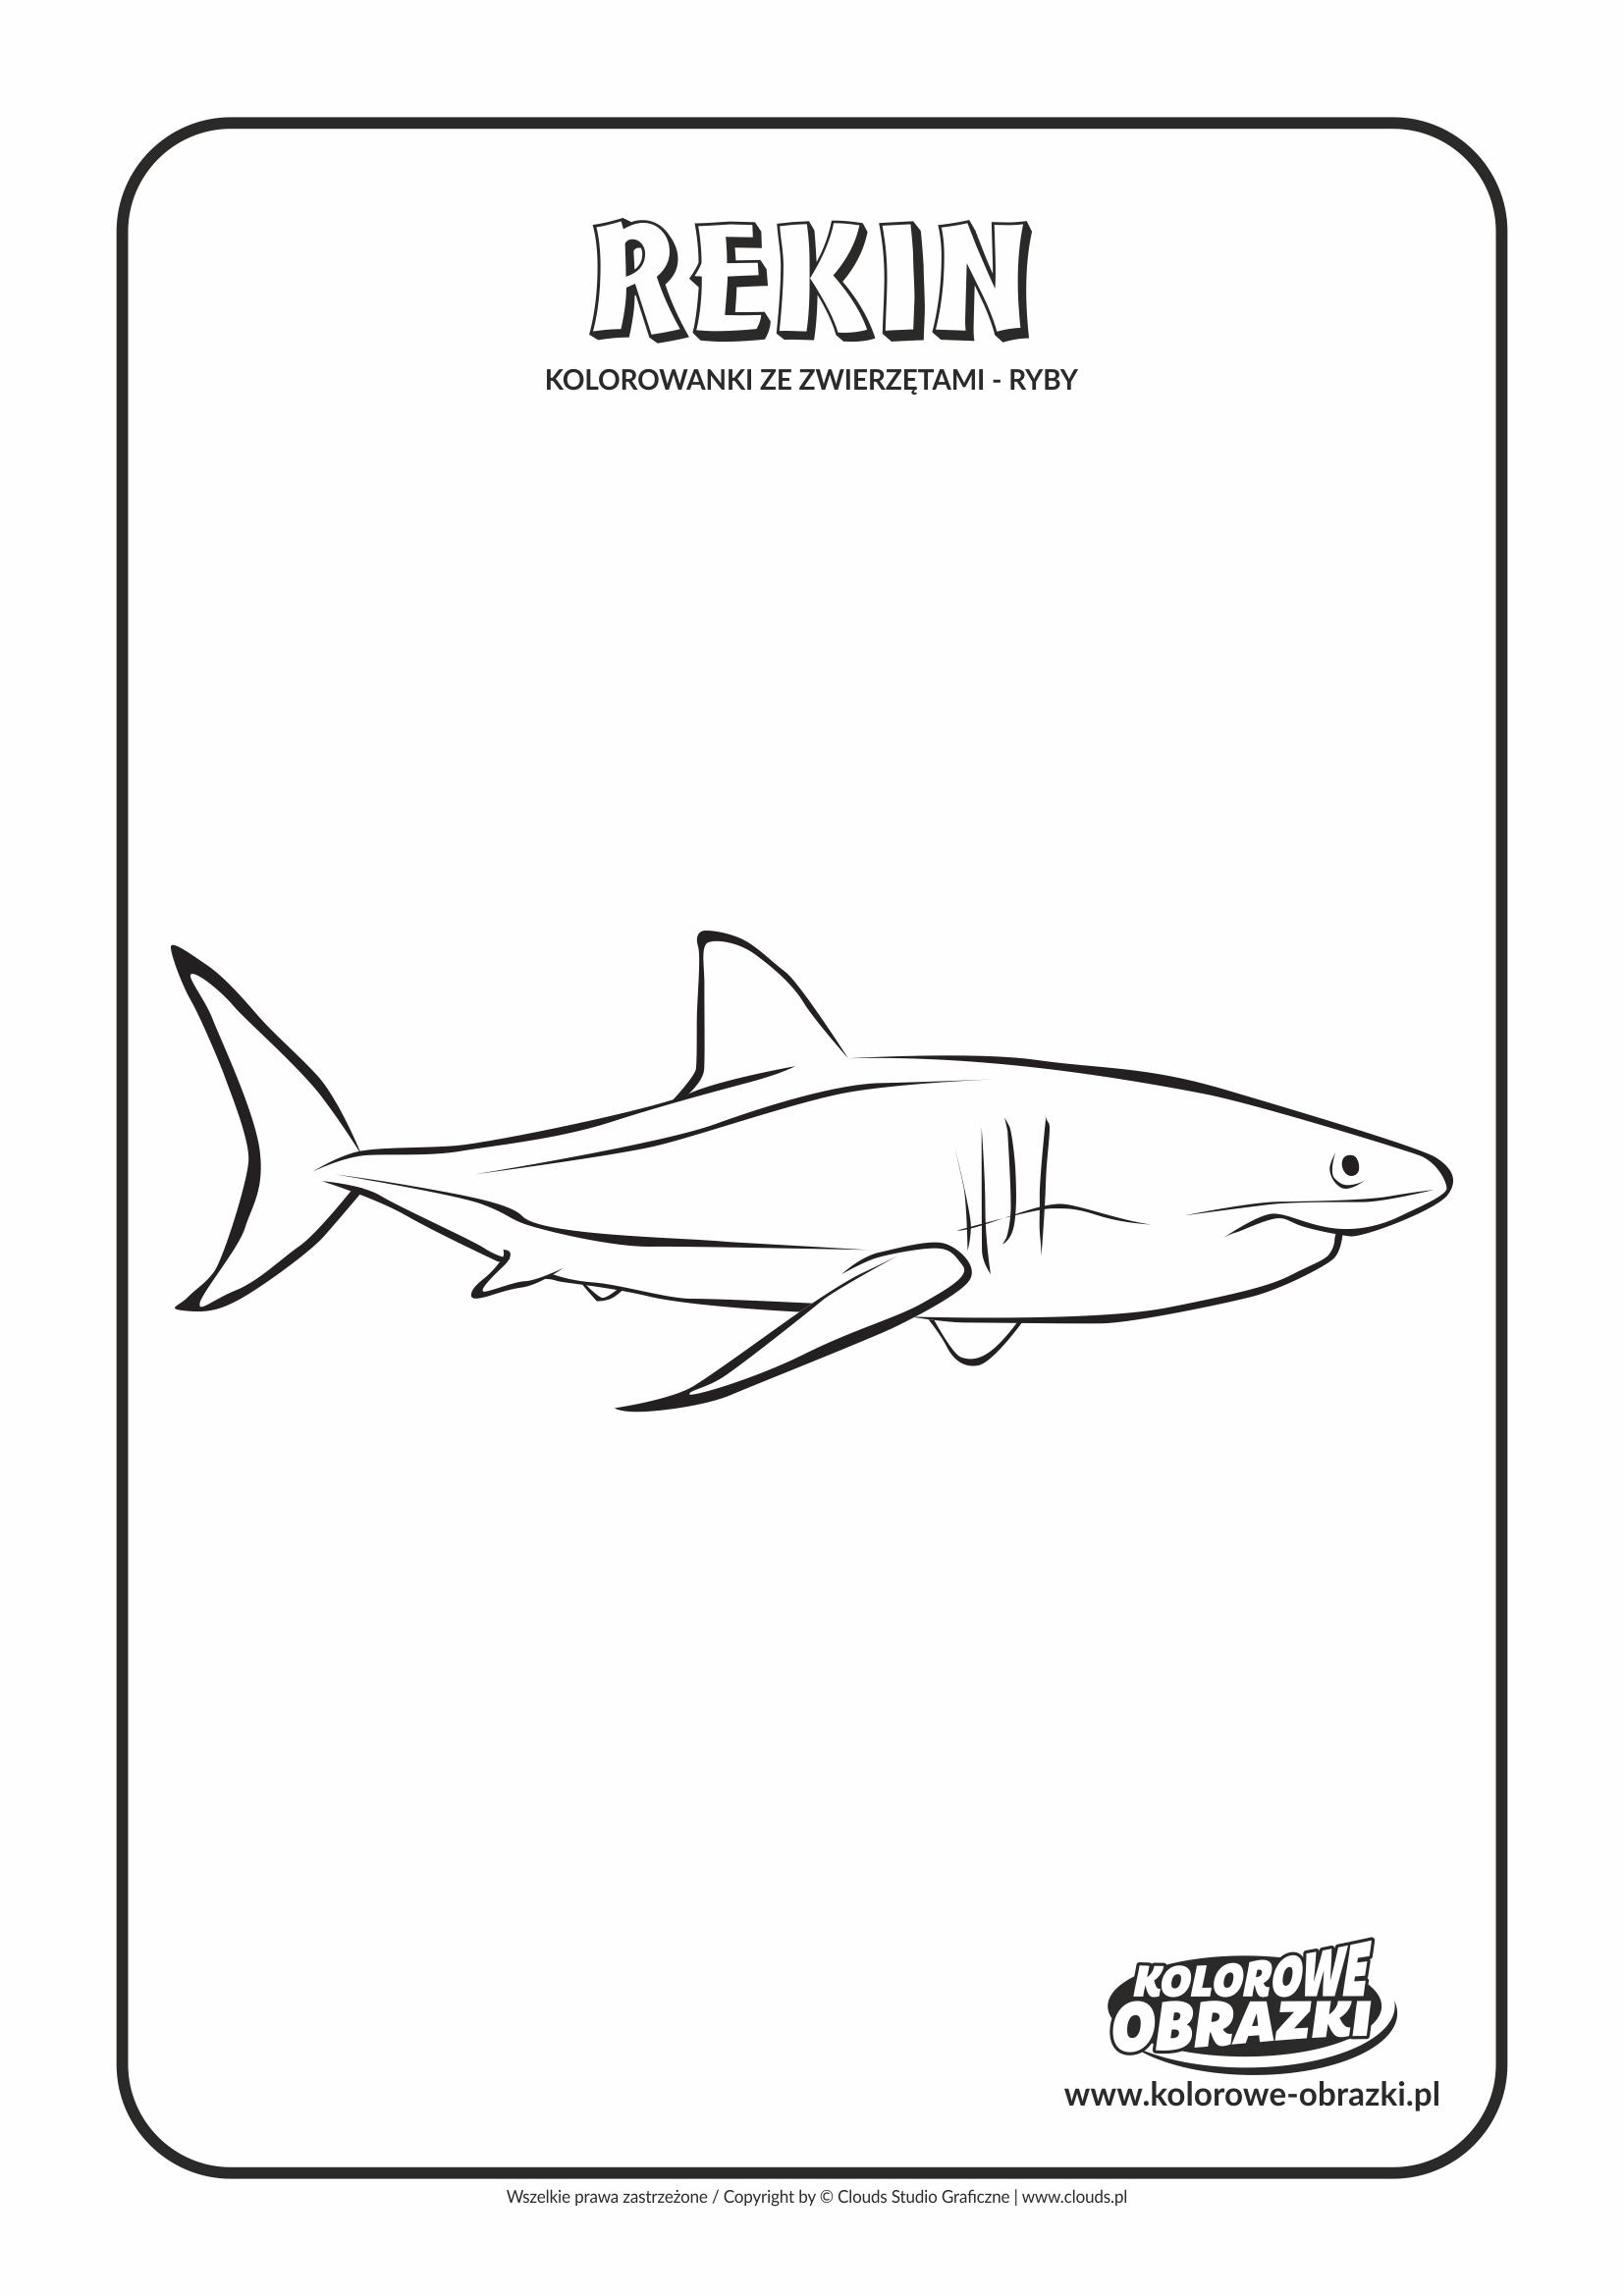 Kolorowanki dla dzieci - Zwierzęta / Rekin. Kolorowanka z rekinem